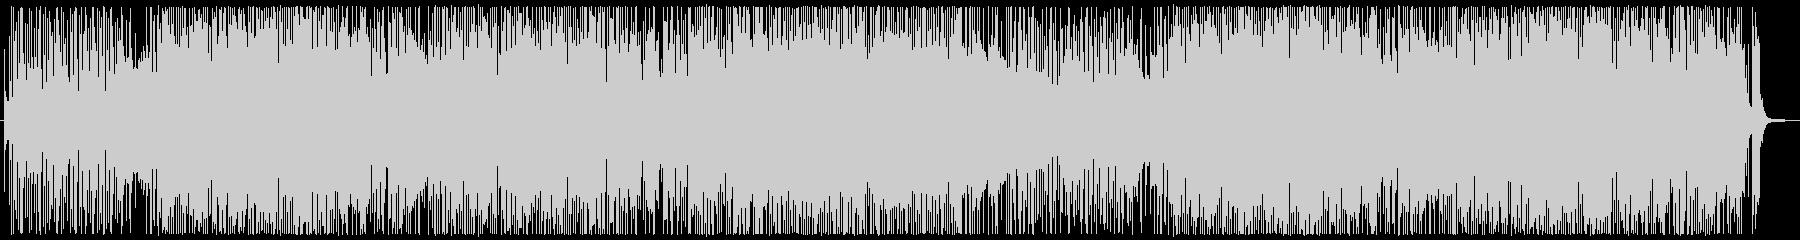 サックスの軽快なフュージョンインストの未再生の波形